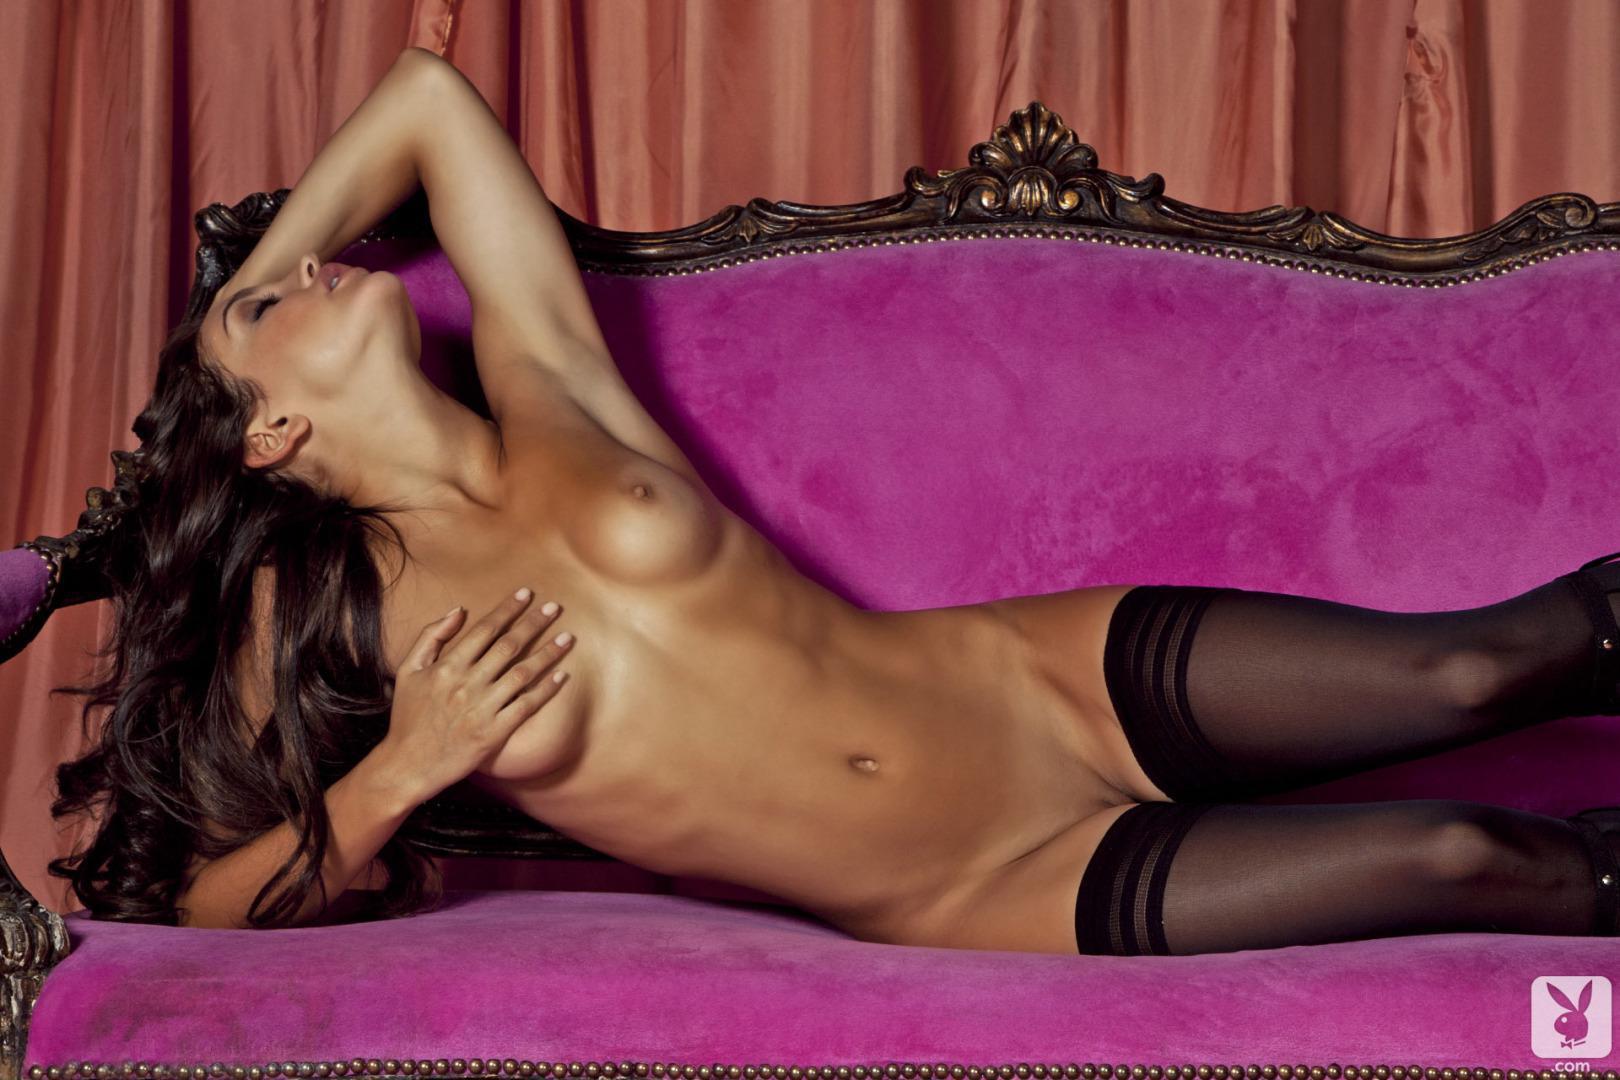 Lorde nude photos smut movie